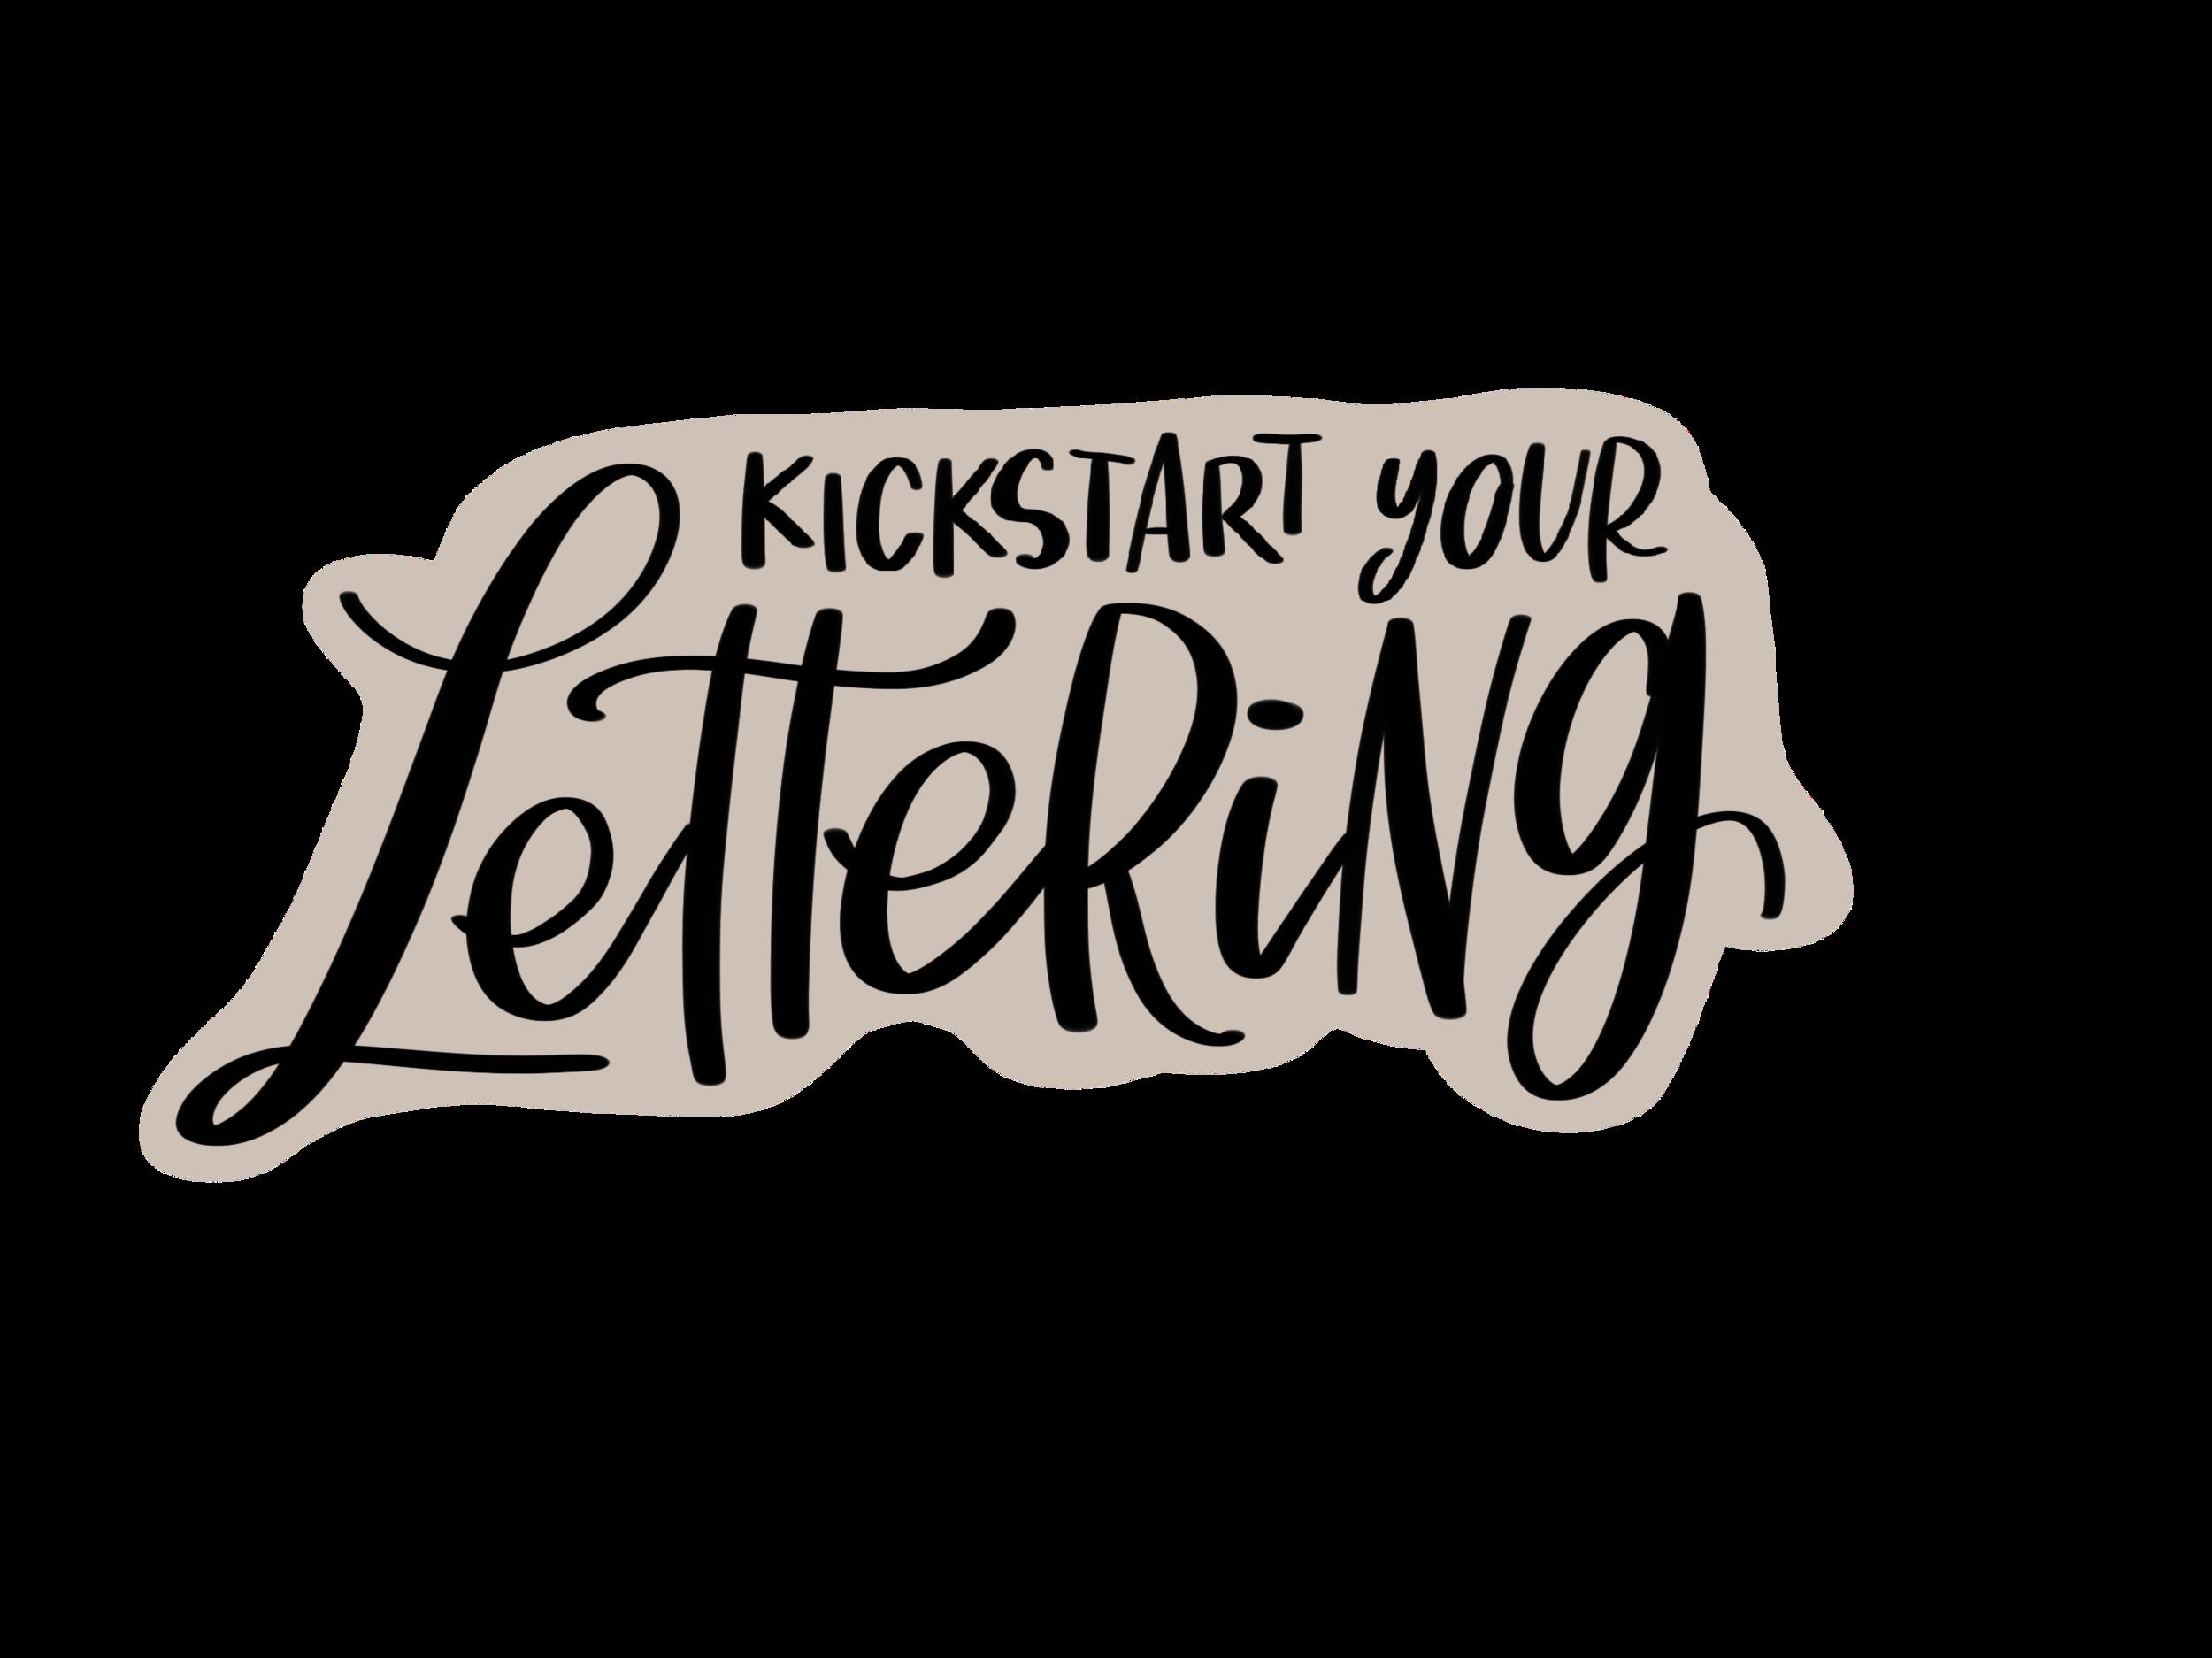 kickstart your lettering